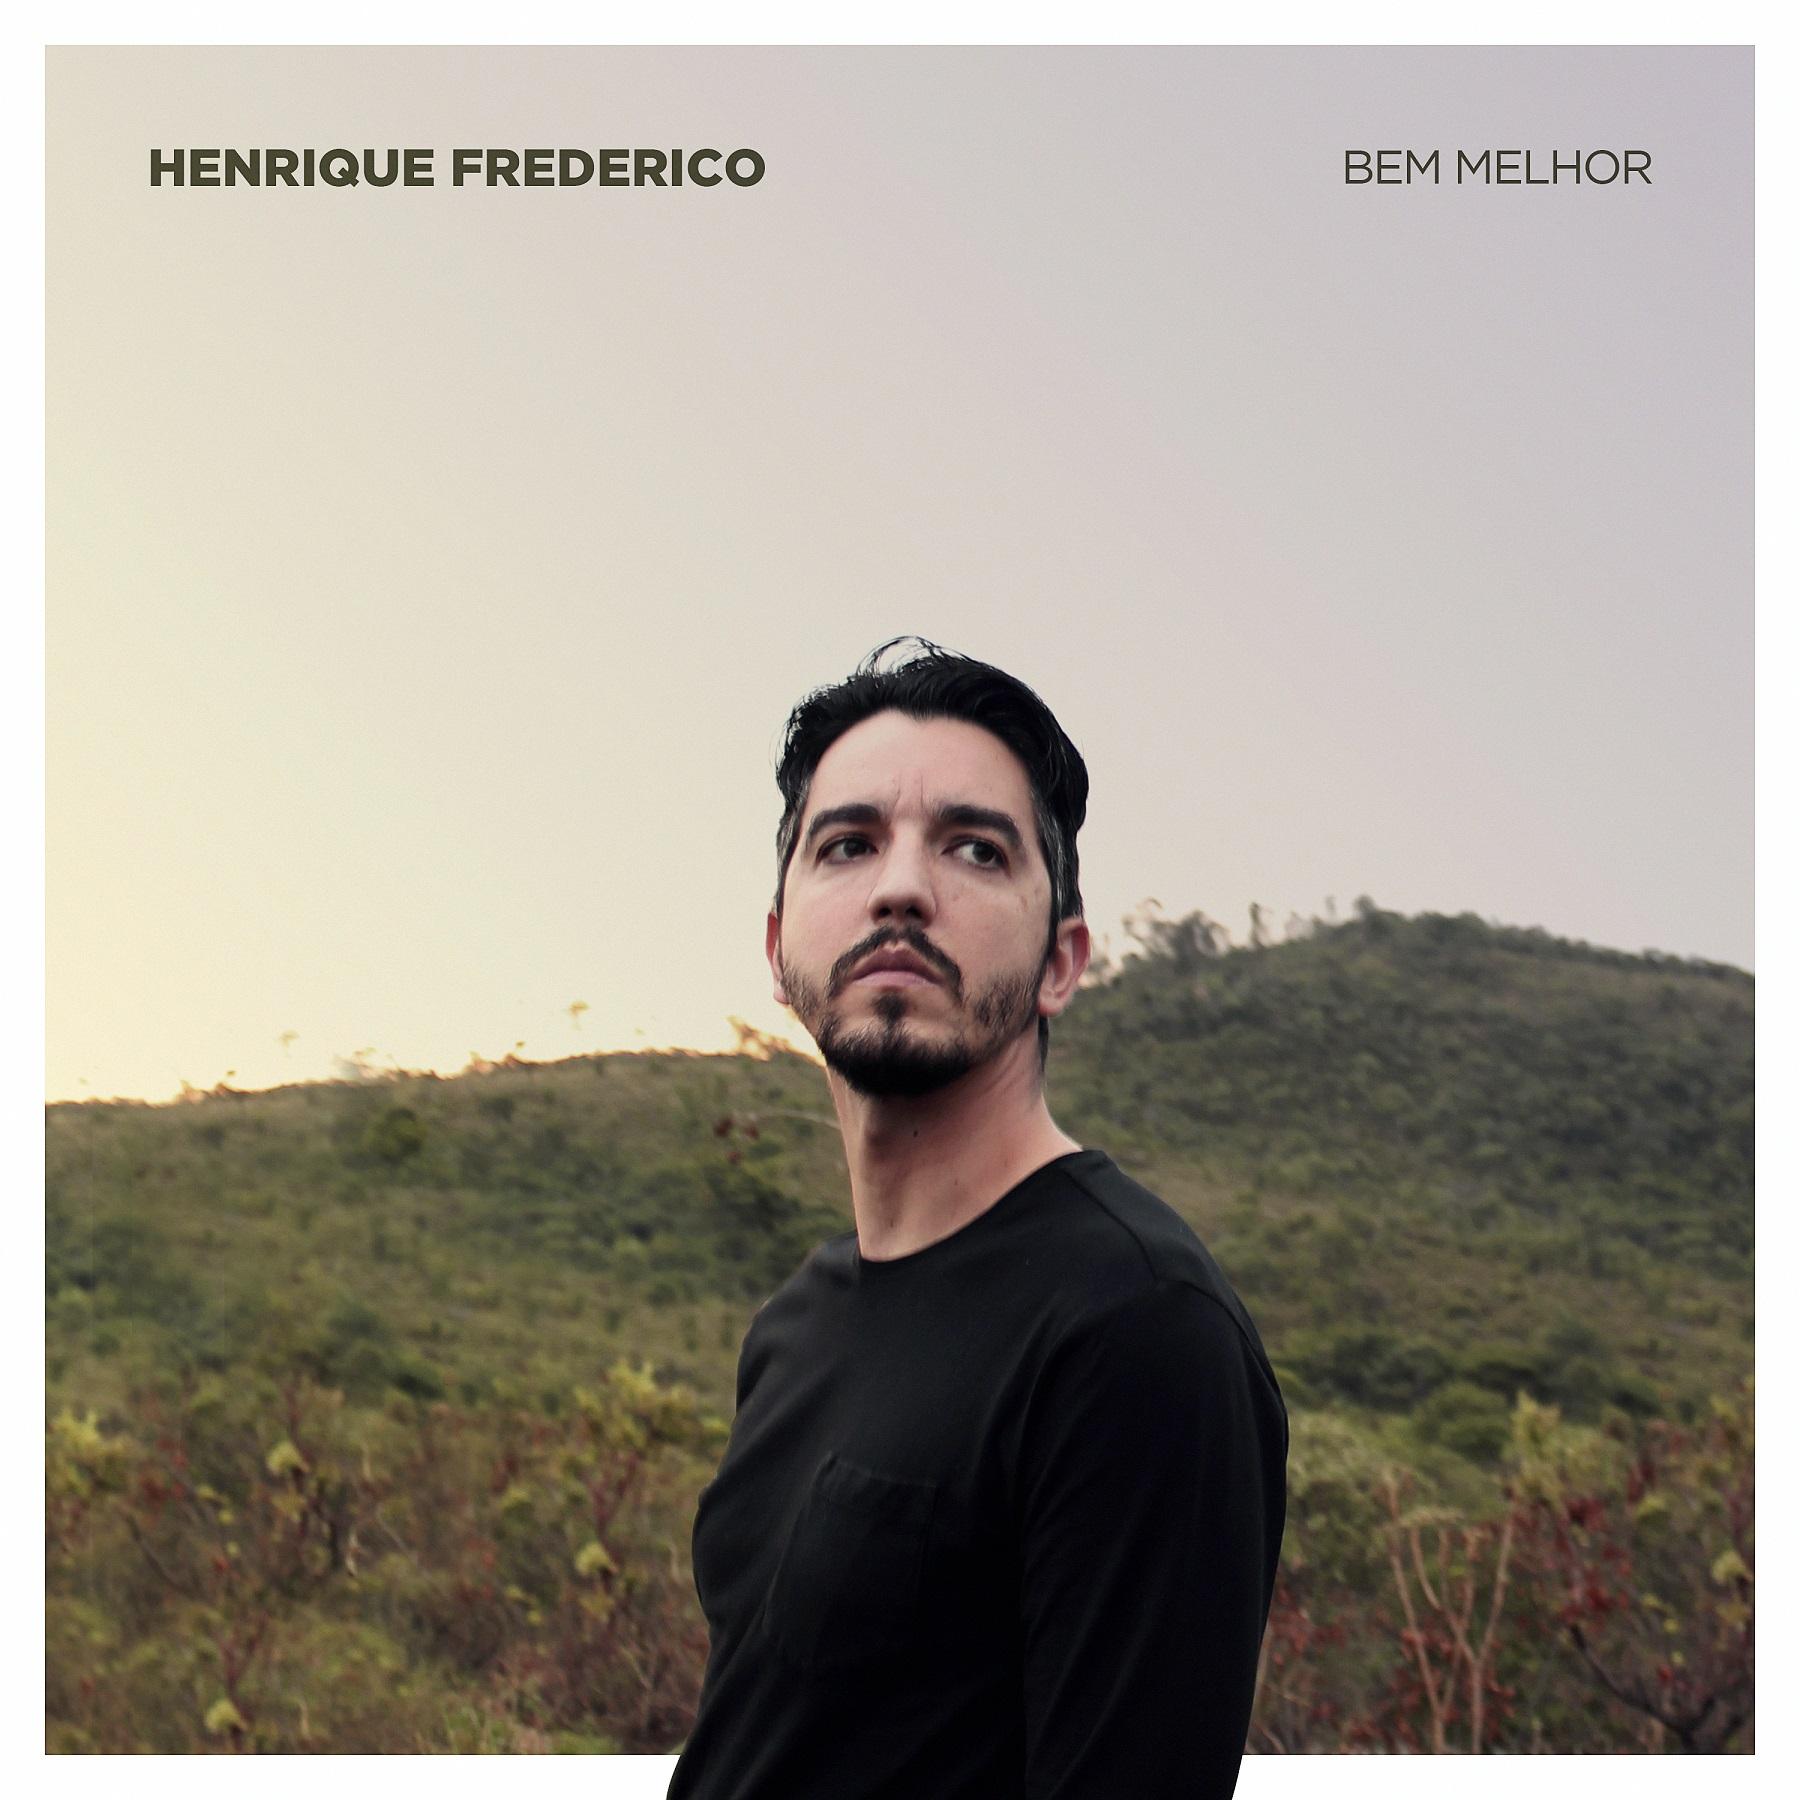 Prestes a estrear disco, Henrique Frederico lança clipe de 'Bem Melhor'